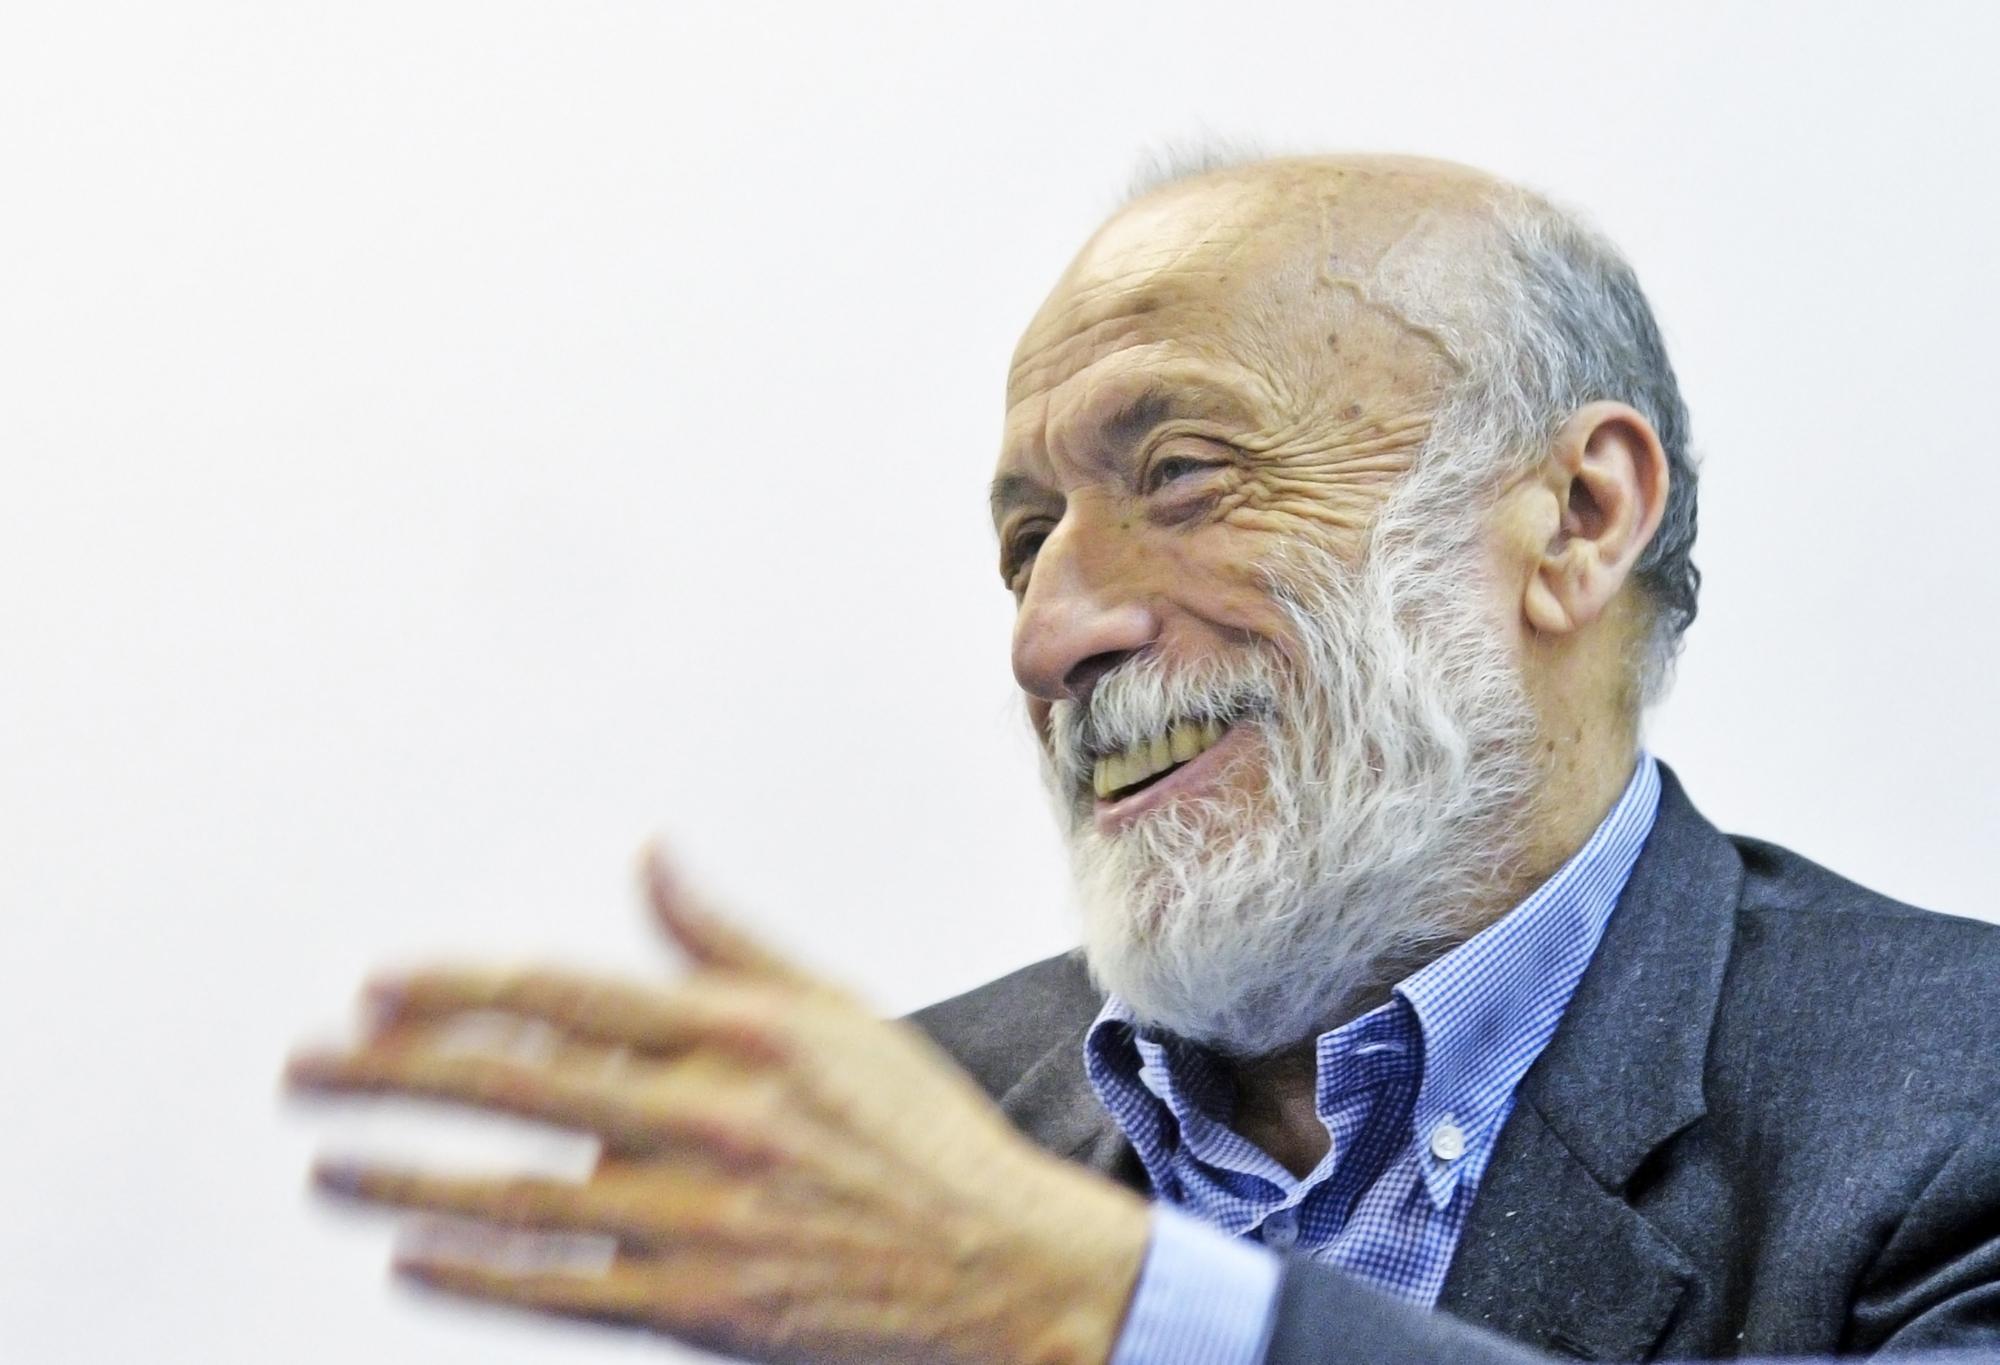 Carlo Petrini comprou brigas ao redor do mundo. Para ele, no Brasil, é preciso flexibilizar leis para produtos coloniais - Joyce Reinert/ND